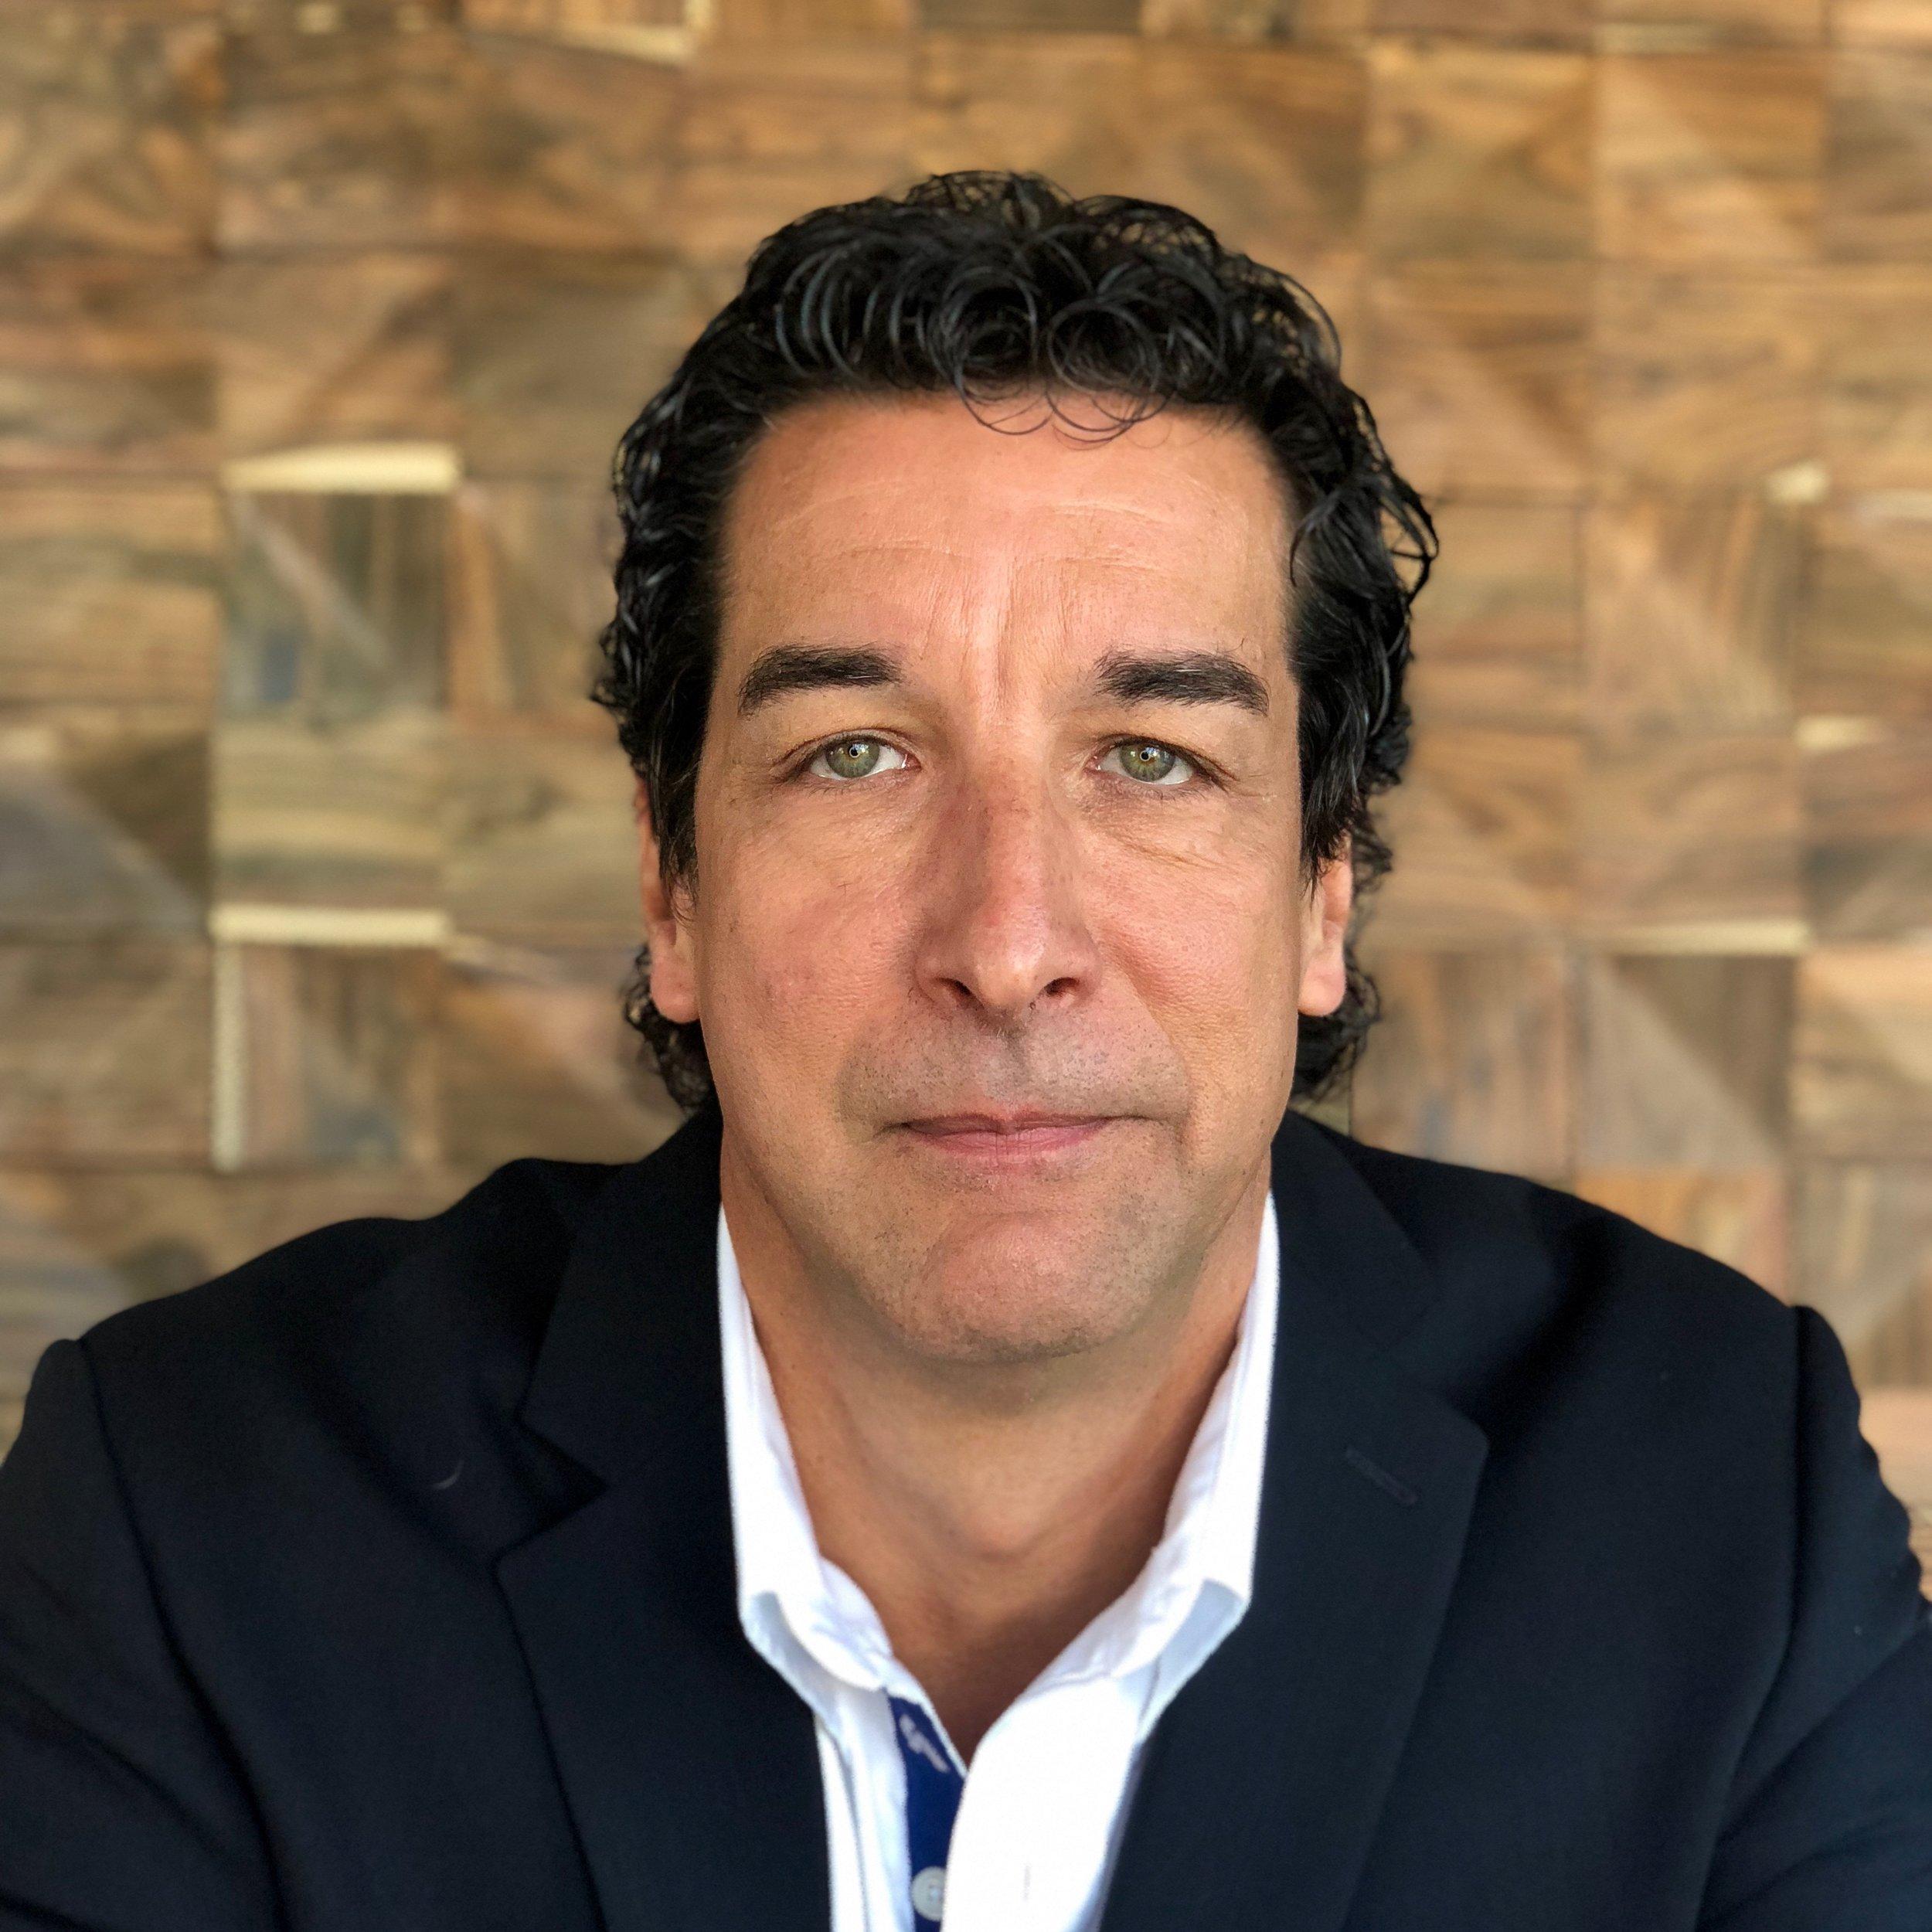 Paul Kuhlmann